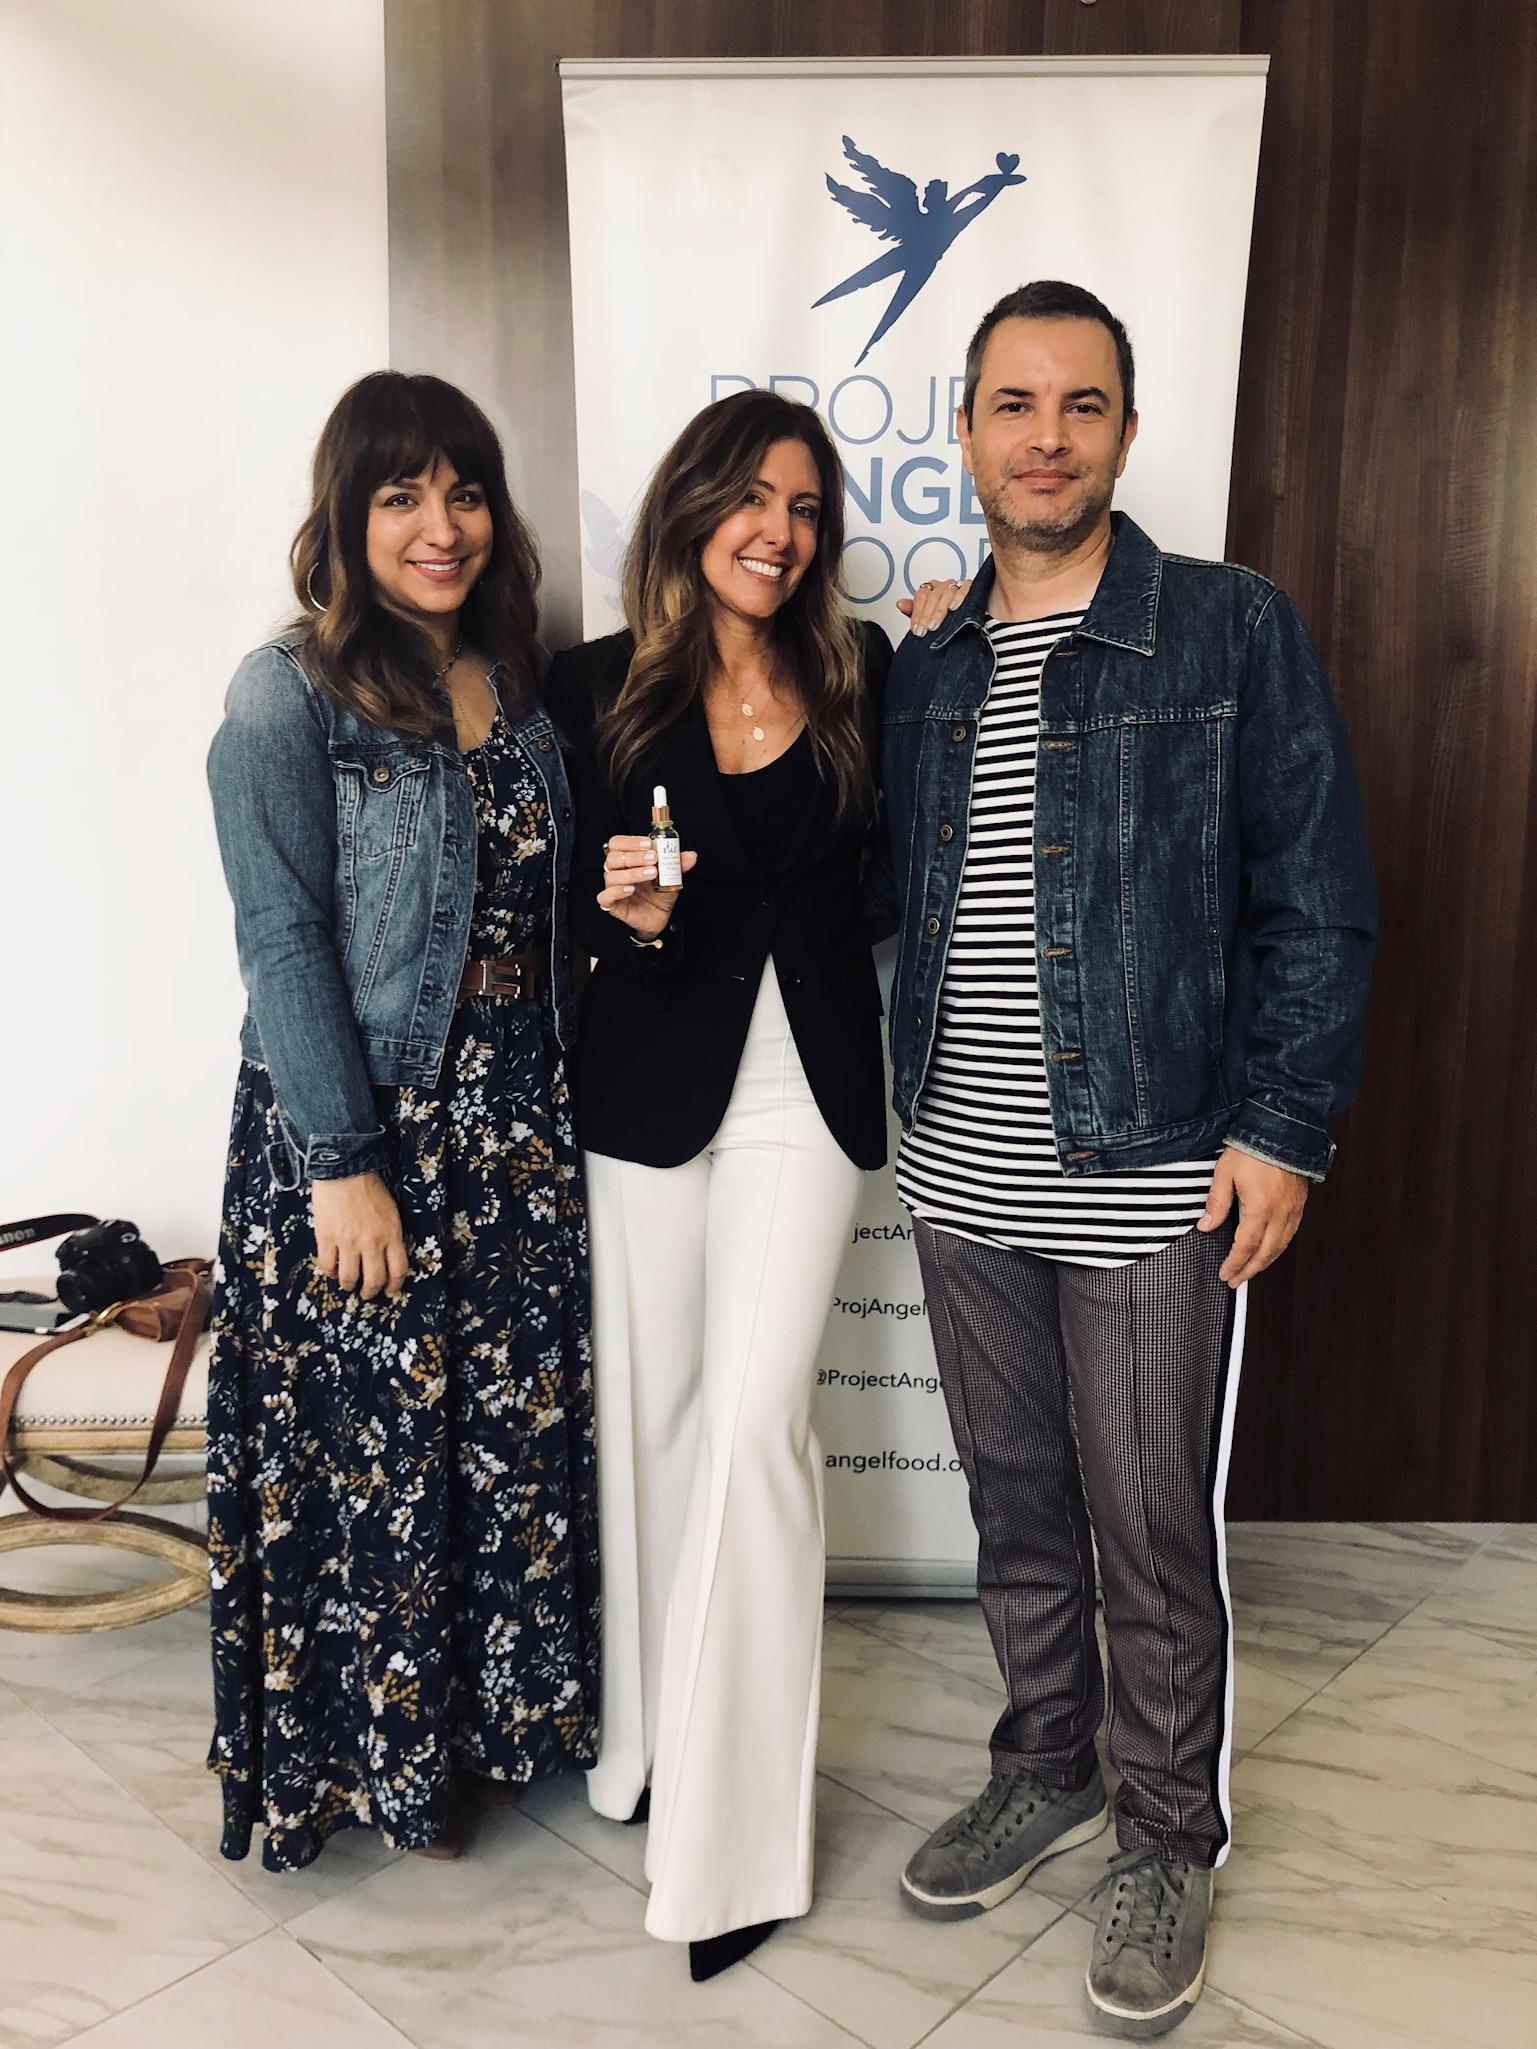 Influencers   Rossana Vanoni   and   Douglas Lagos